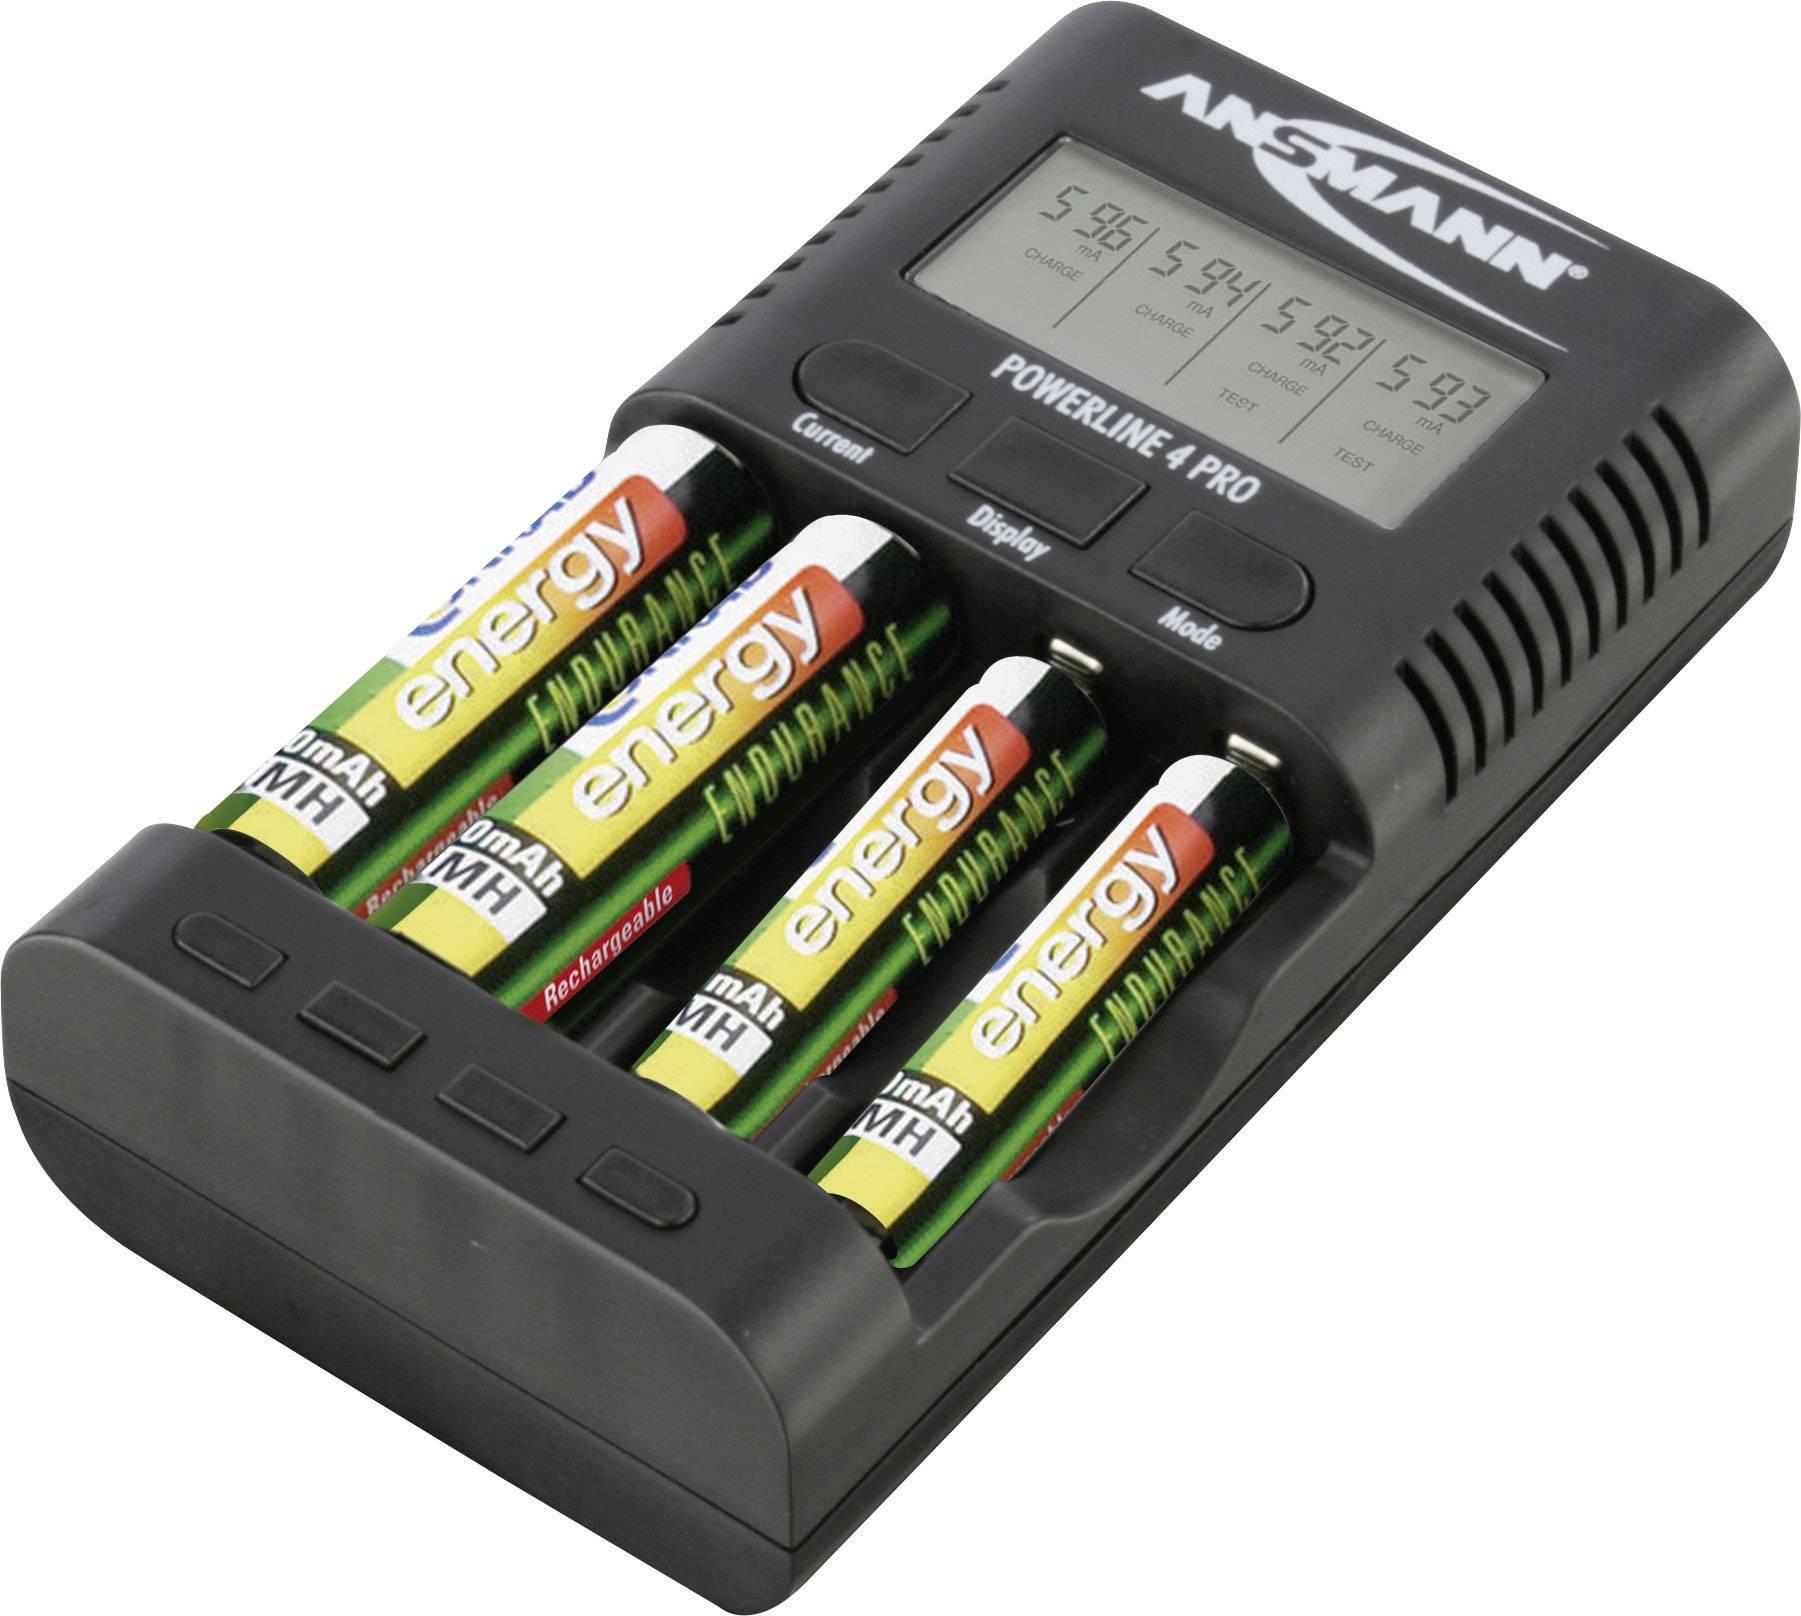 Nabíjecí stanice NiMH/NiCD Ansmann Powerline 4 Pro